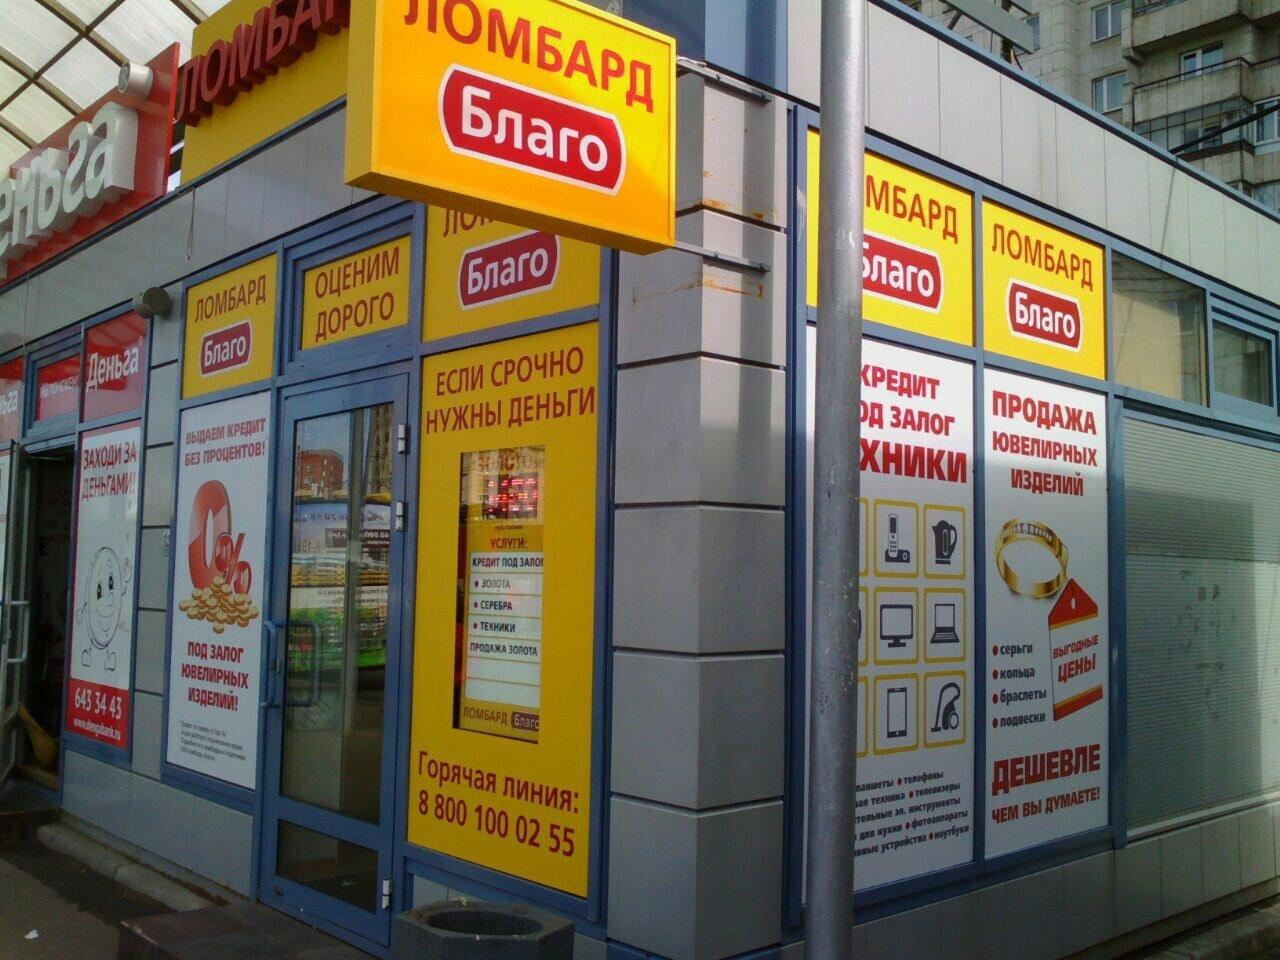 Ломбарды в москве рядом с метро отзывы о автосалоне формула 91 в москве